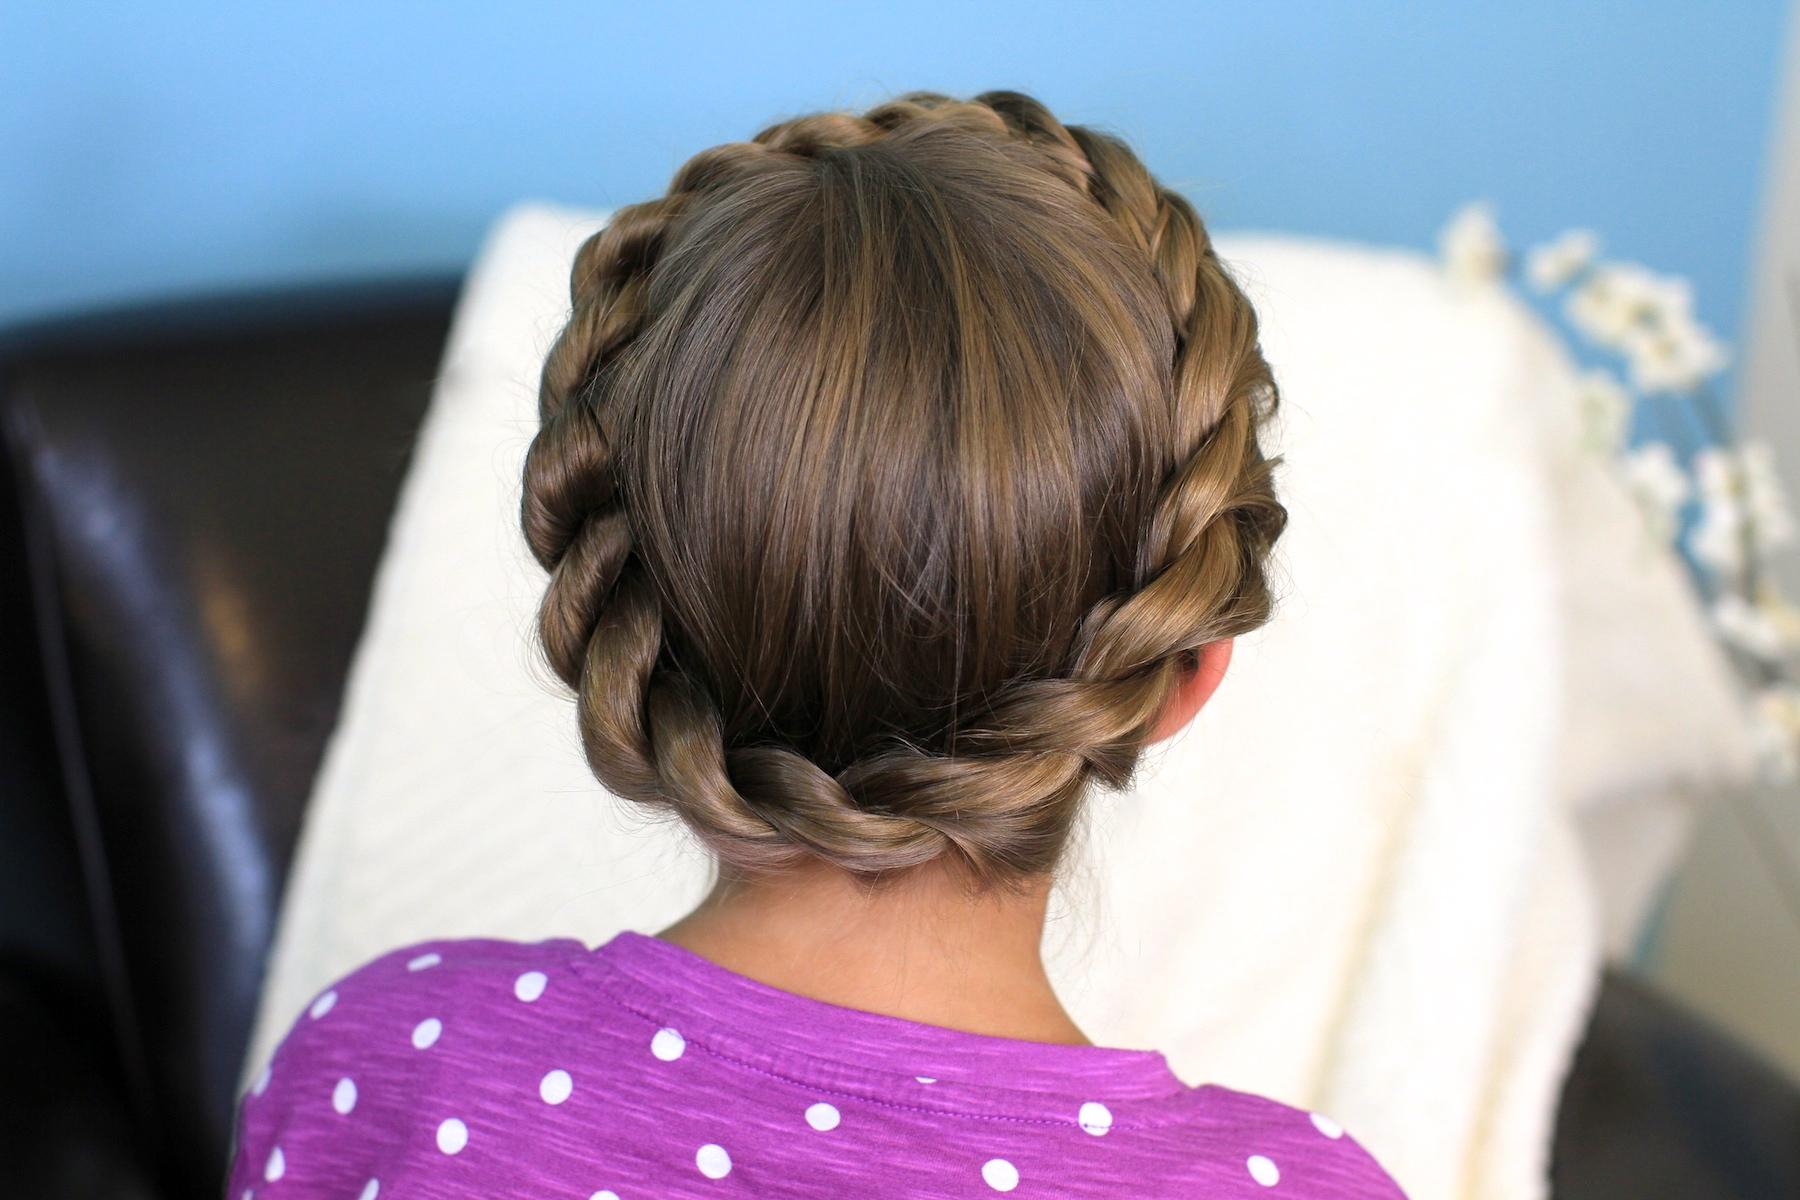 Crown Rope Twist Braid | Updo Hairstyles